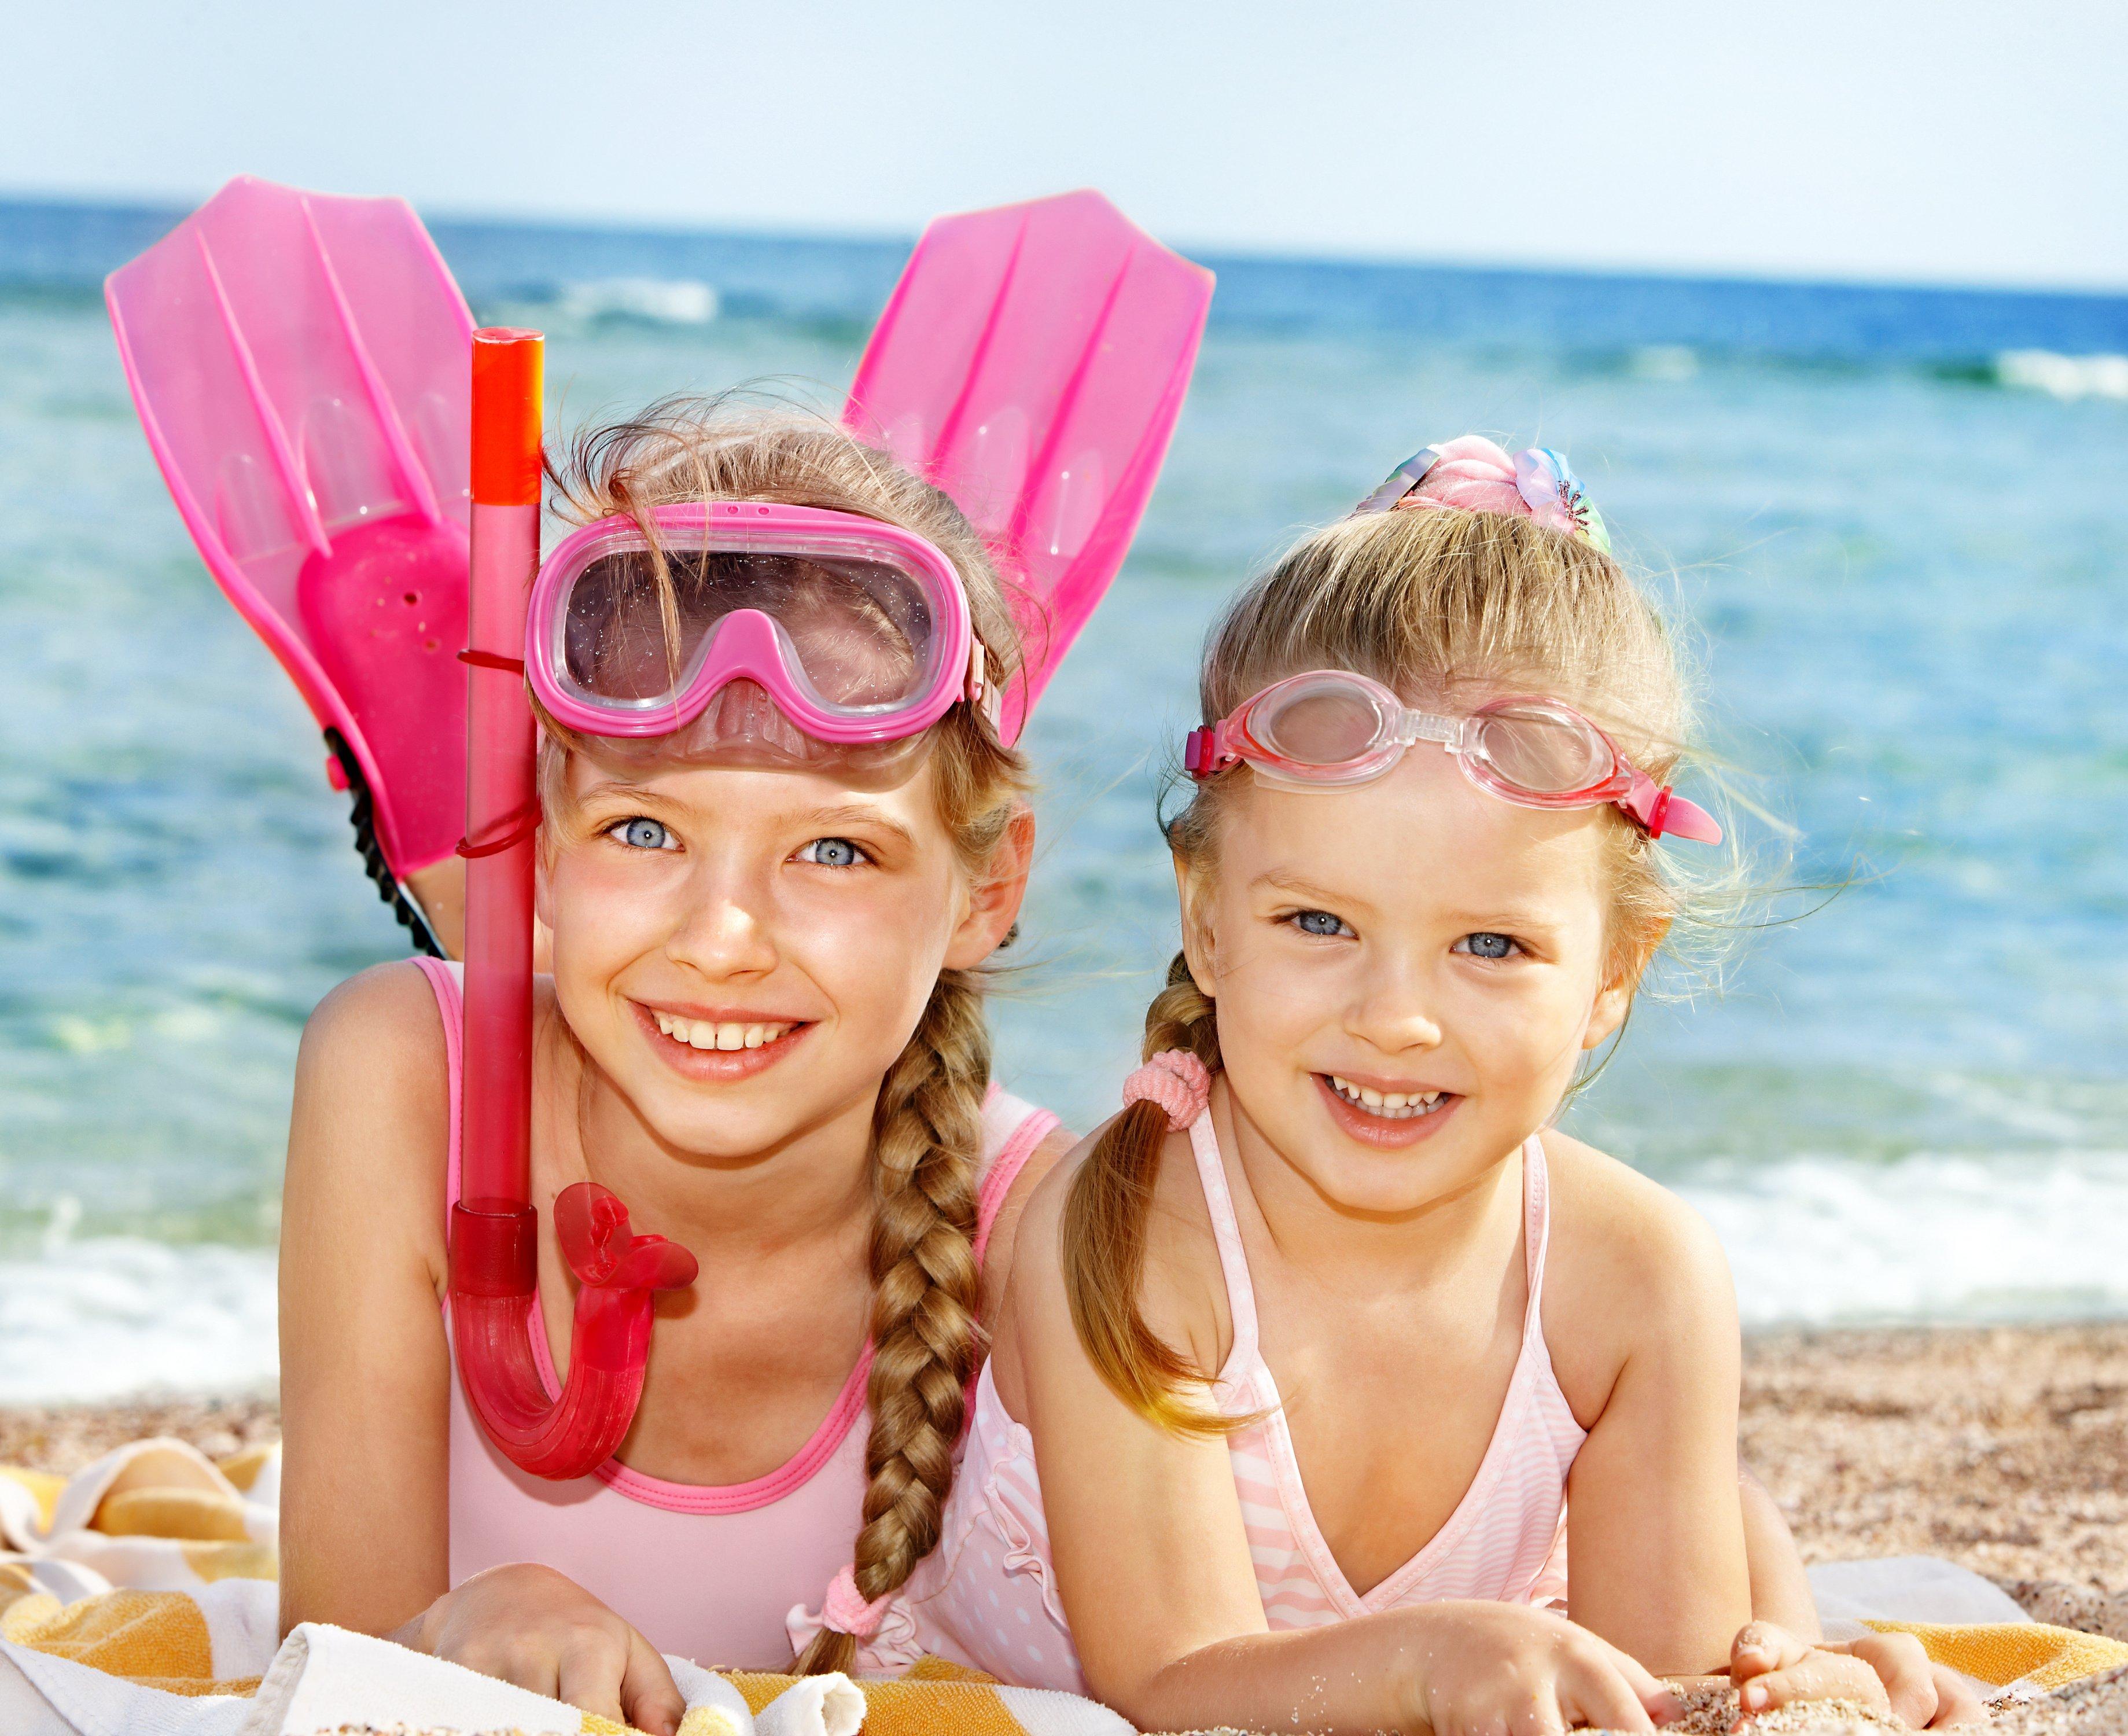 Смотреть фото мальчики на пляже 6 фотография